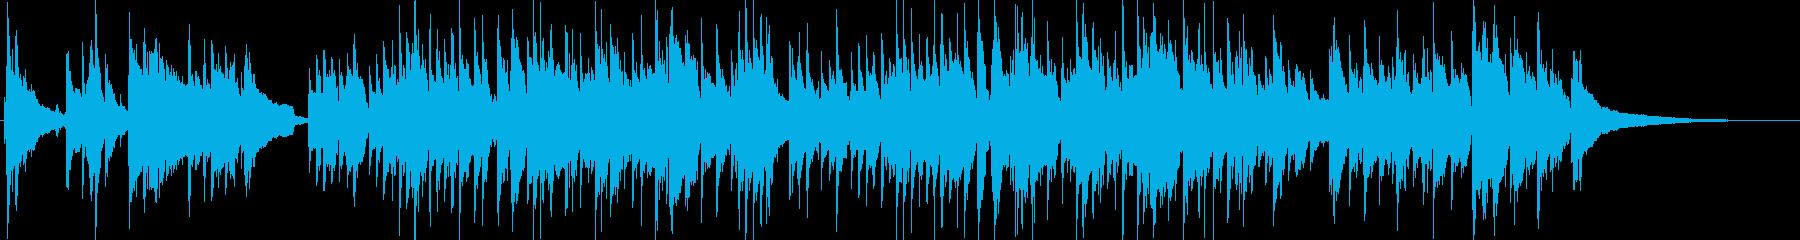 マイナー調クラシックギター1の再生済みの波形